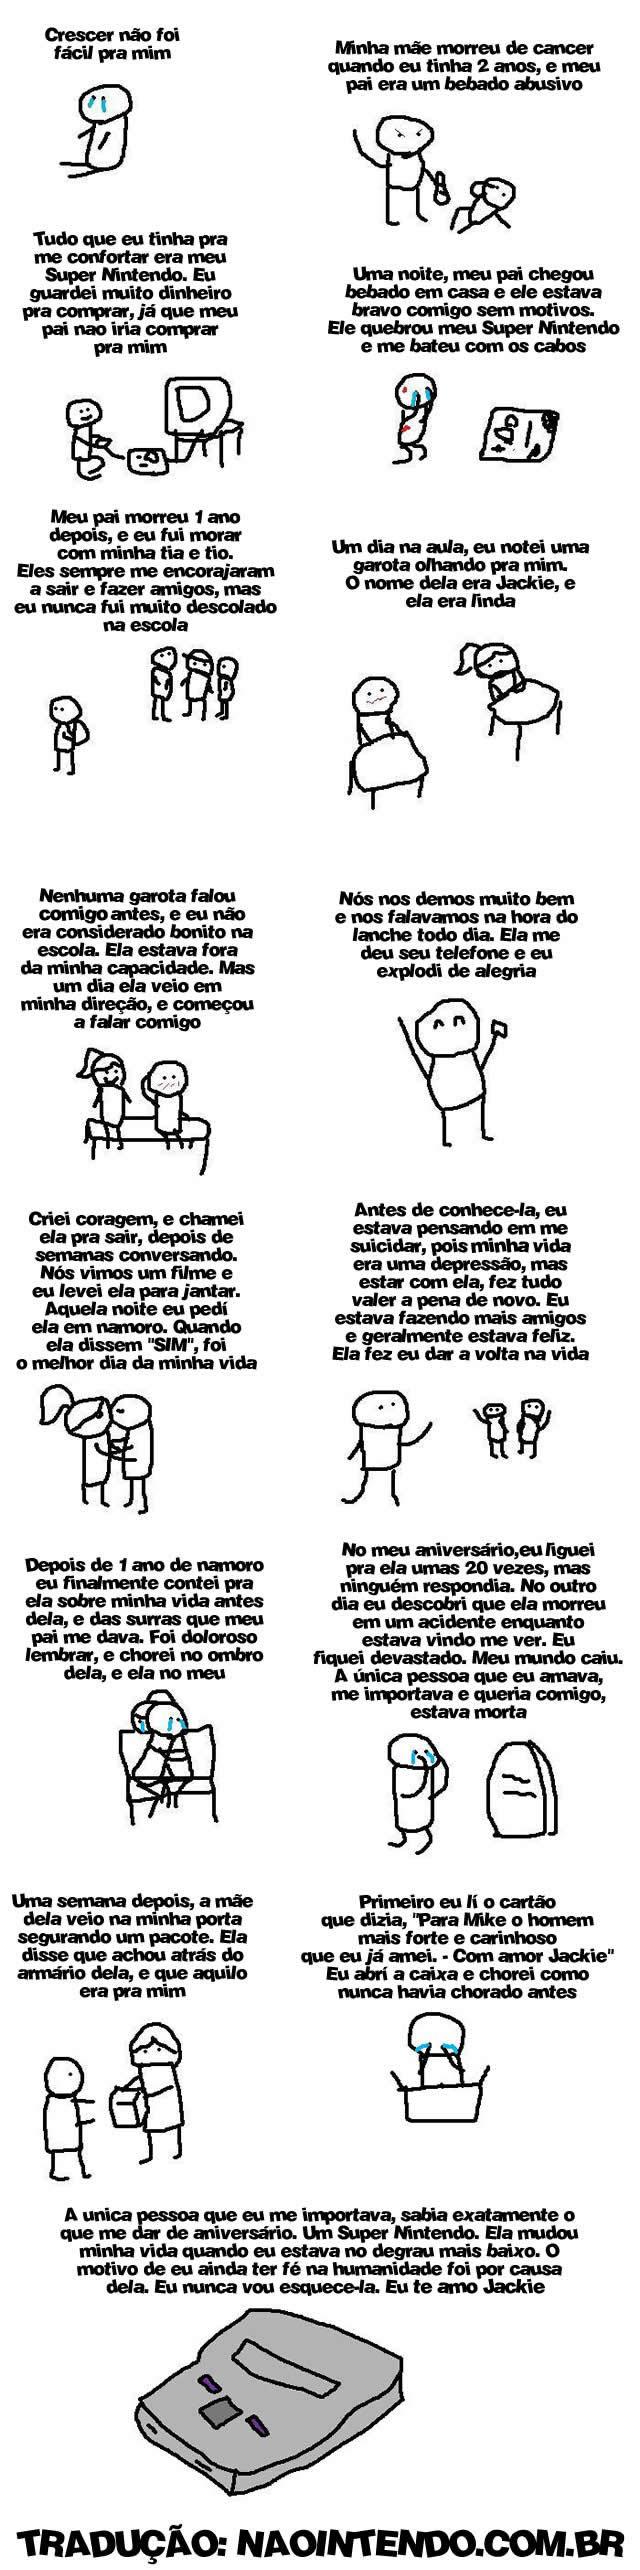 [Imagem: Amor3.jpg]